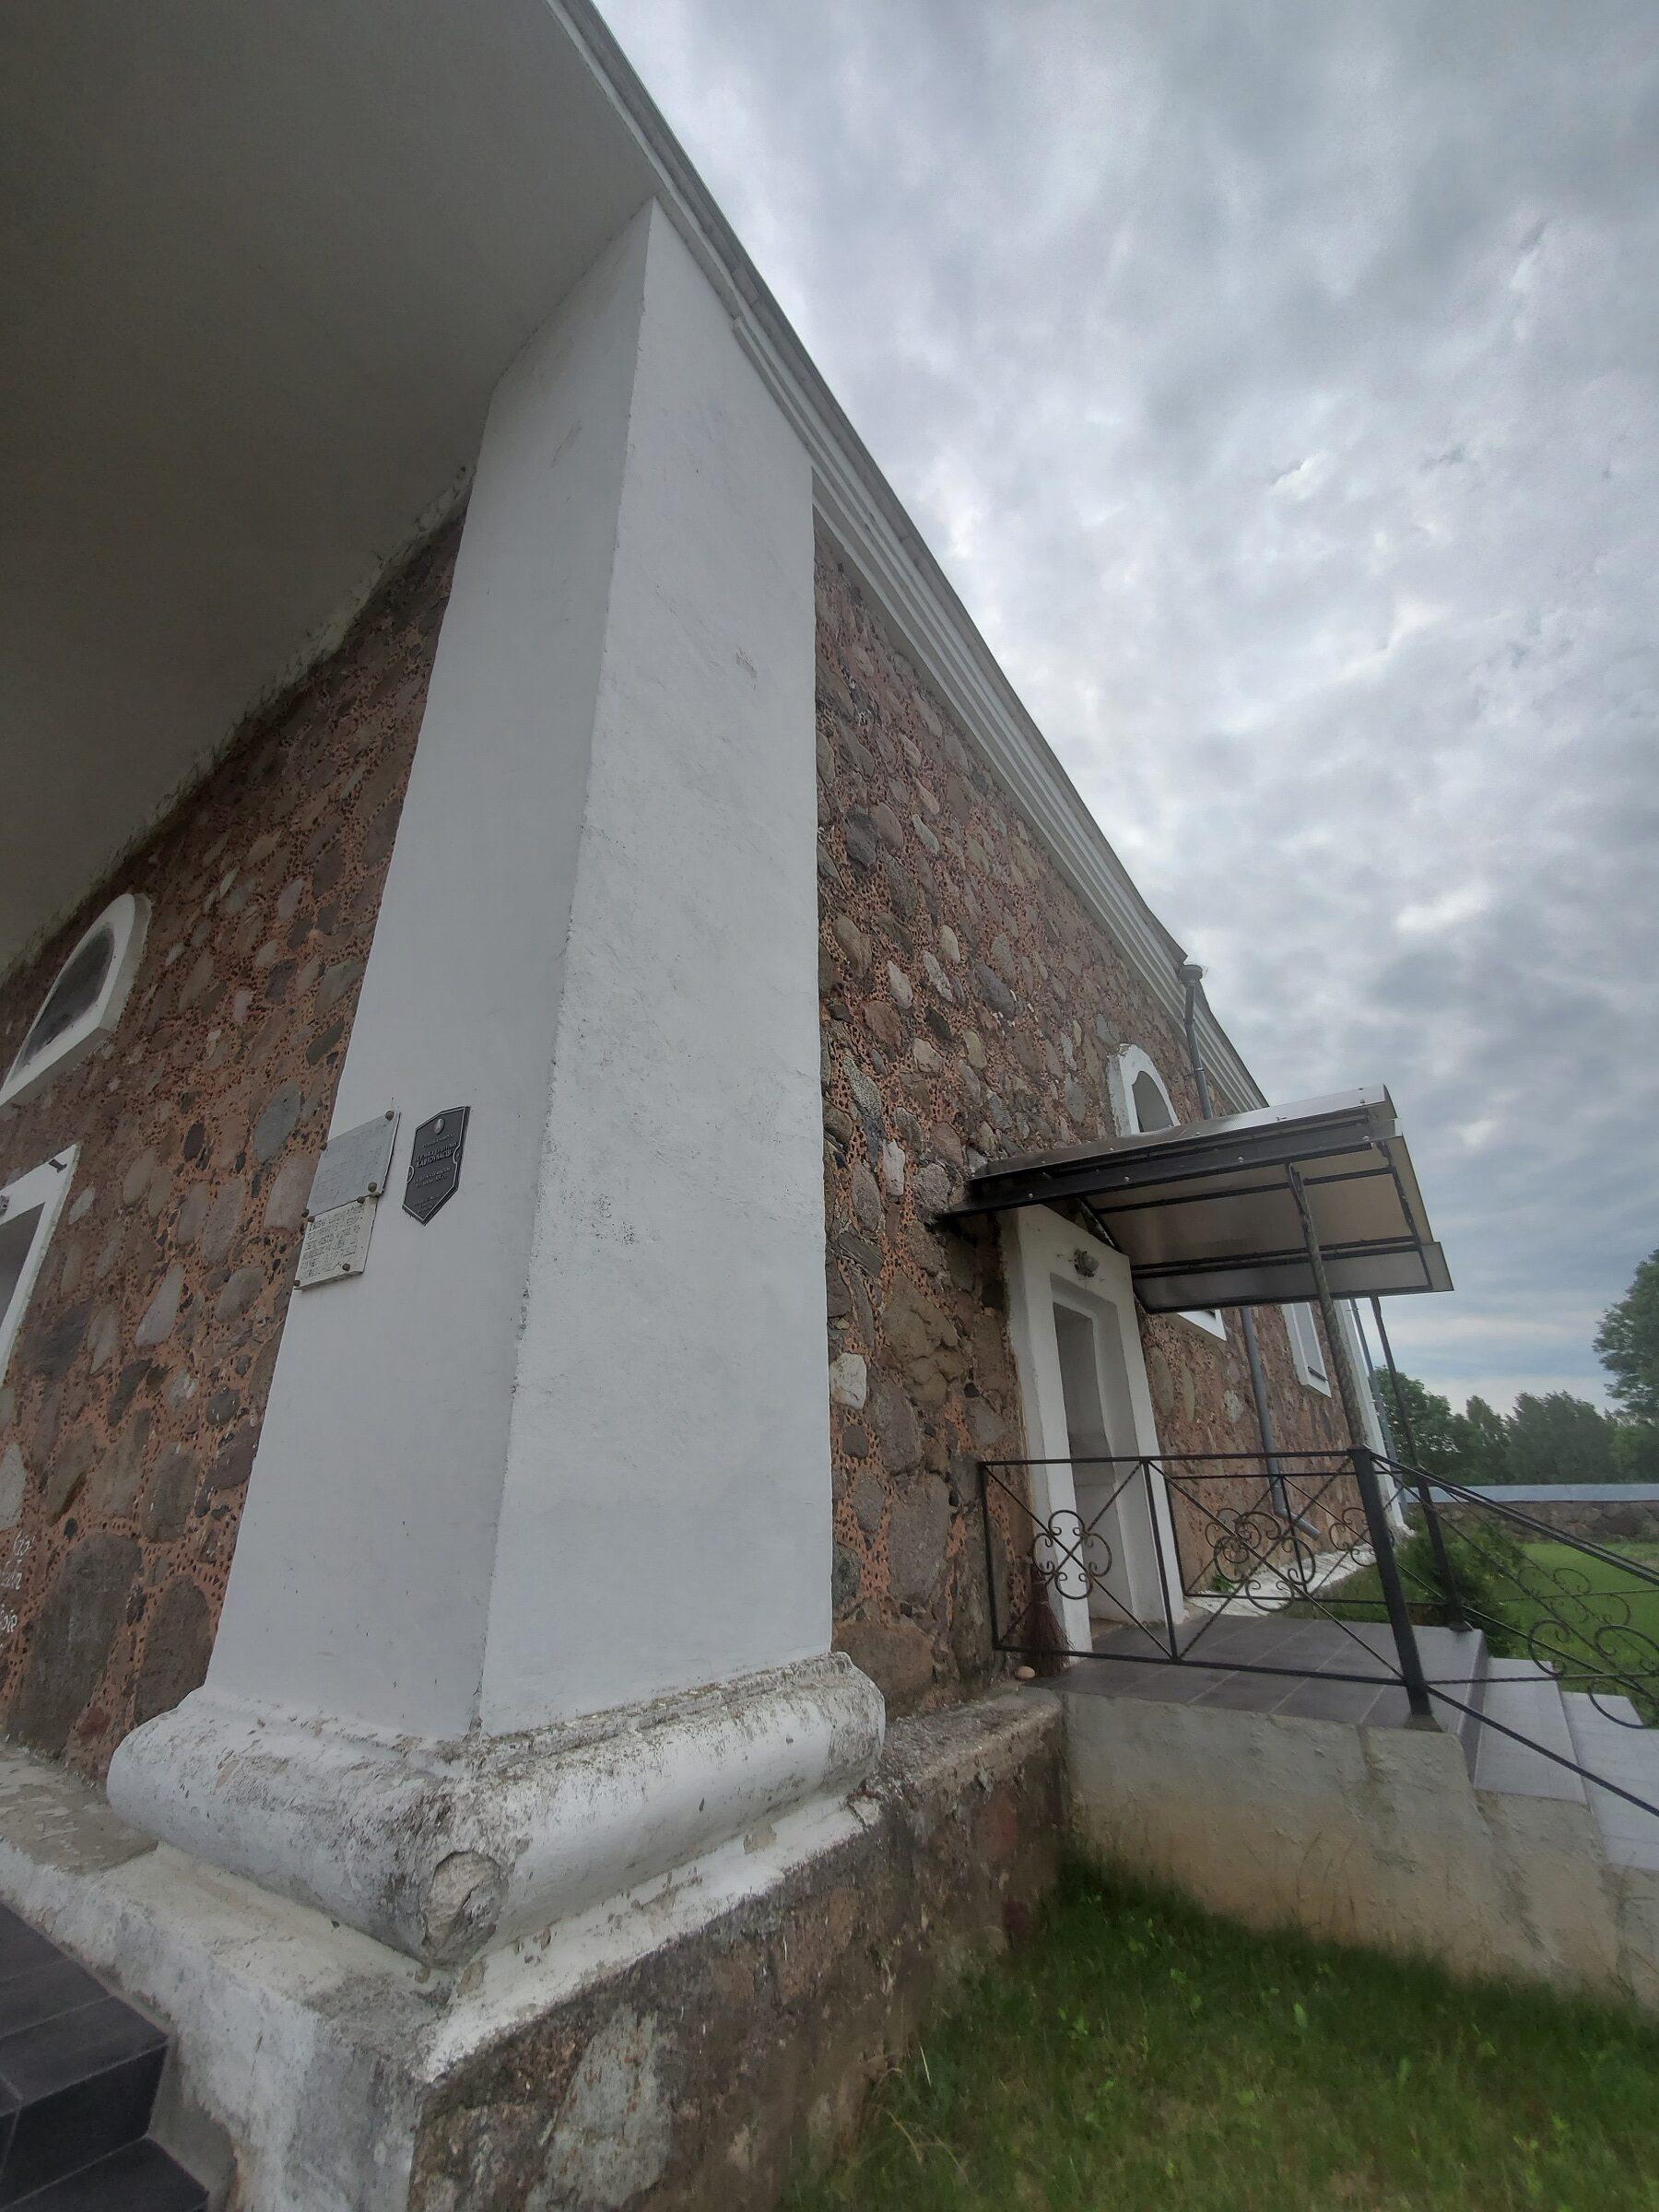 20200703 113526 rotated - Костел Вознесения Девы Марии в Дерковщине